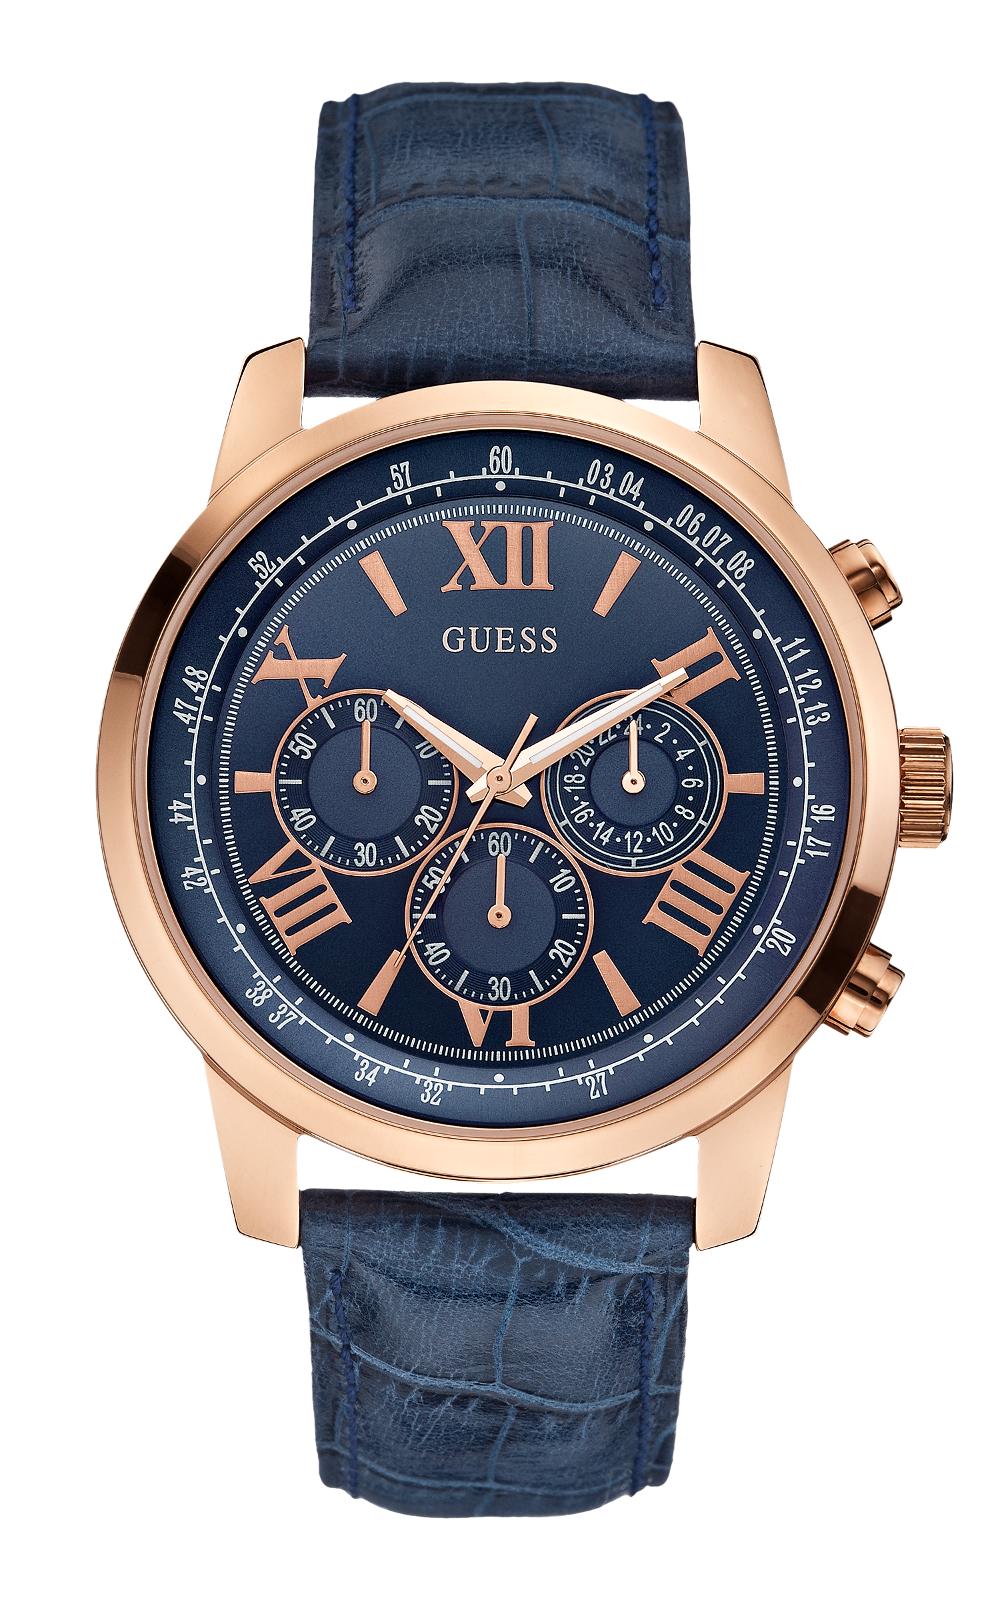 GUESS W0380G5 Ανδρικό Ρολόι Quartz Χρονογράφος Ακριβείας abeabeaf1a3